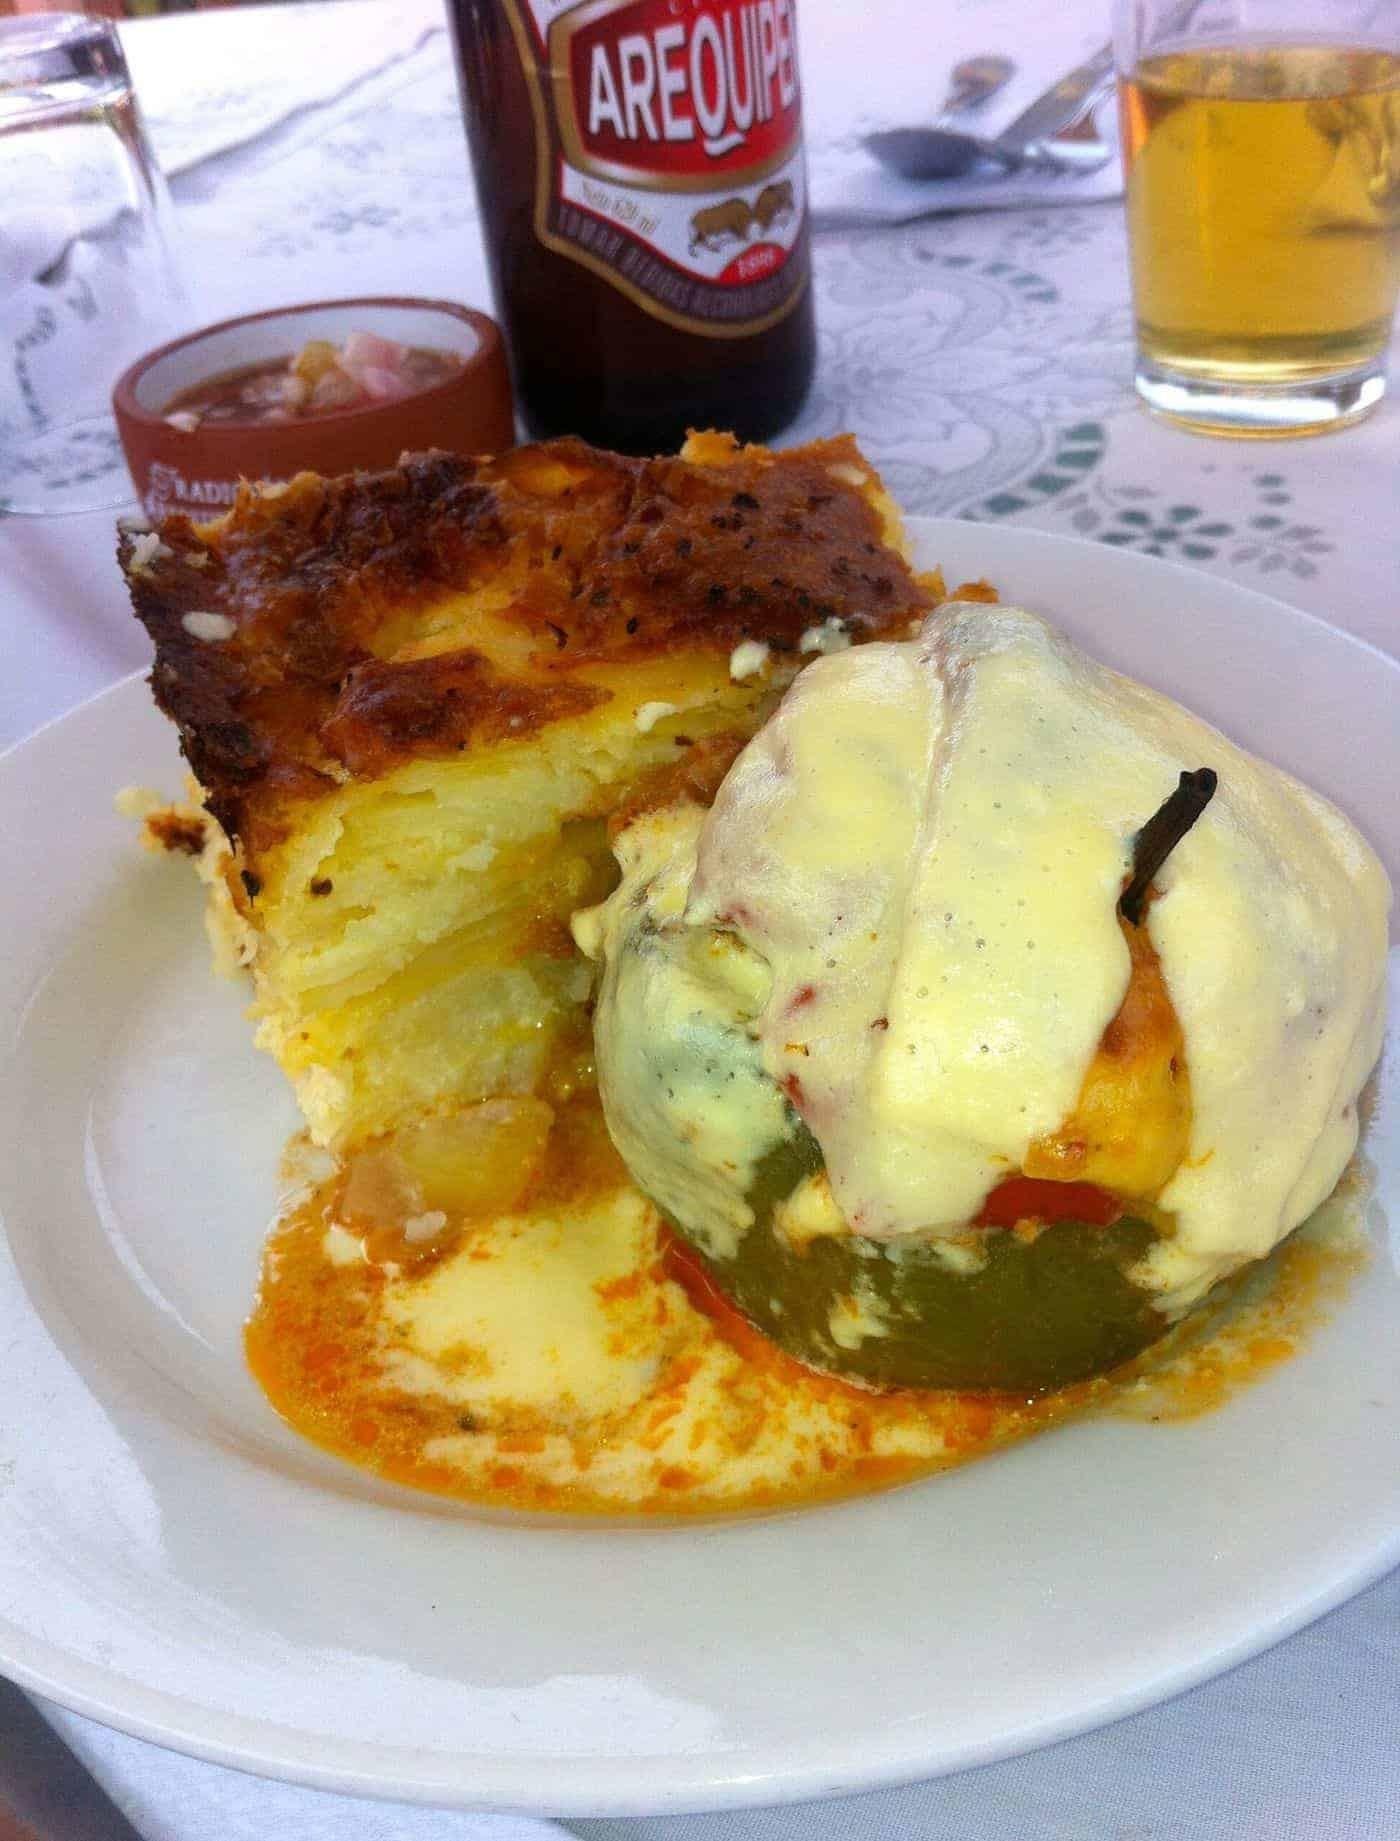 The Peruvian dish Rocotto Relleno at Tradicion Arequipena, Arequipa, Peru.